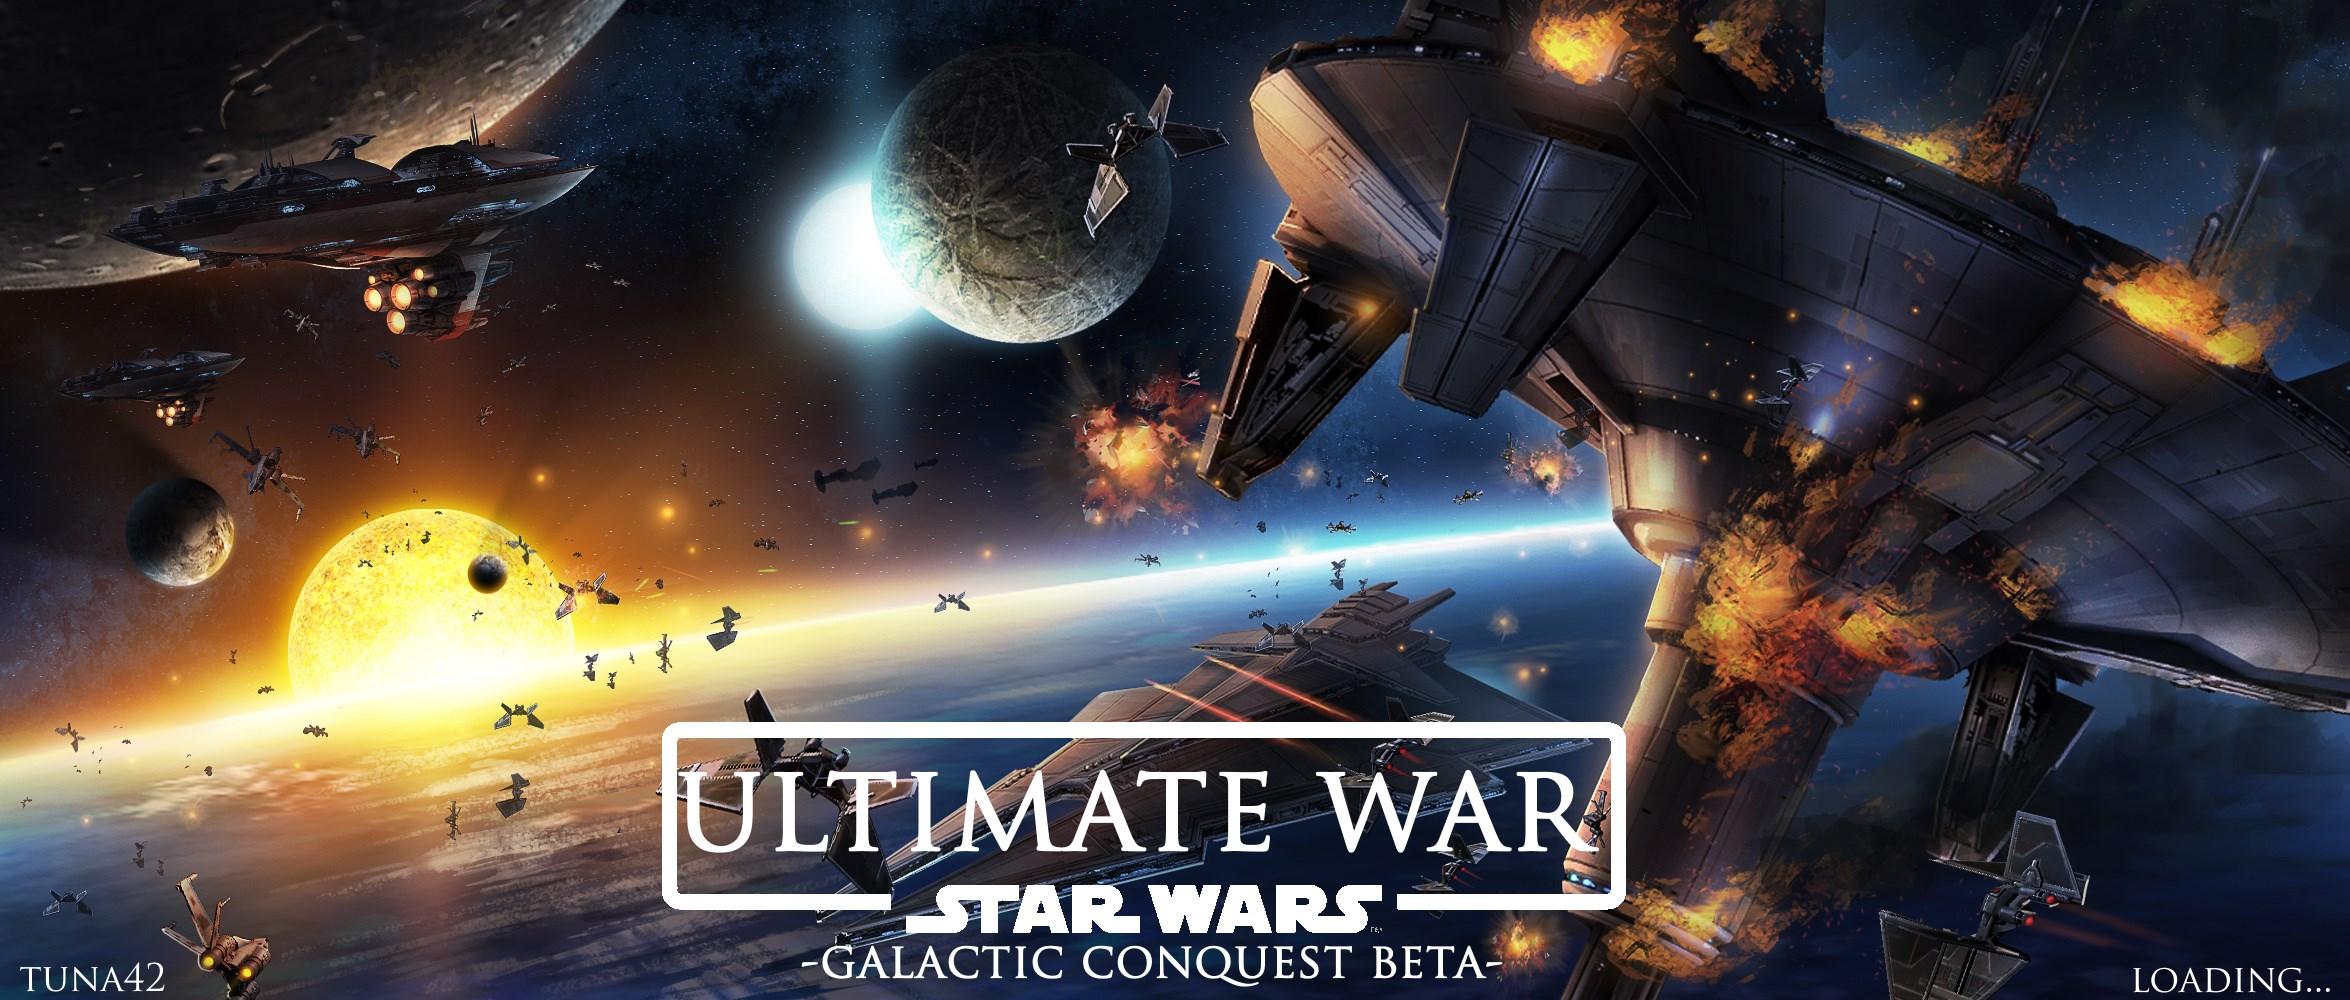 Republic at war.